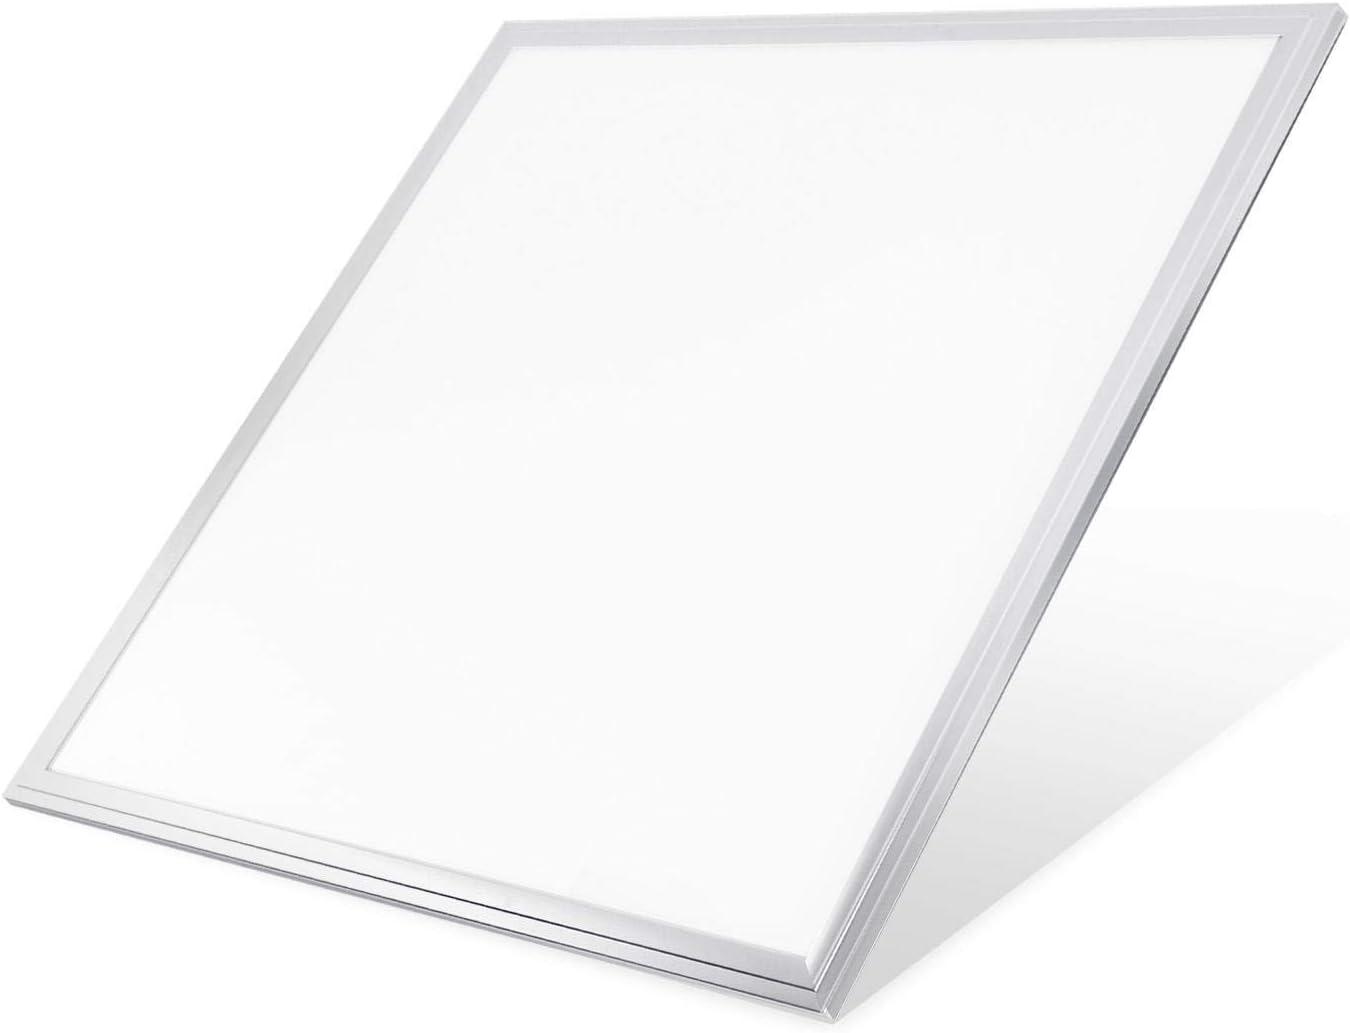 Aigostar - Panel LED Slim cuadrado 595x595mm, 40W, 3600 lúmenes, luz blanca 6000K. Marco color plata. [Clase de eficiencia energética A+]